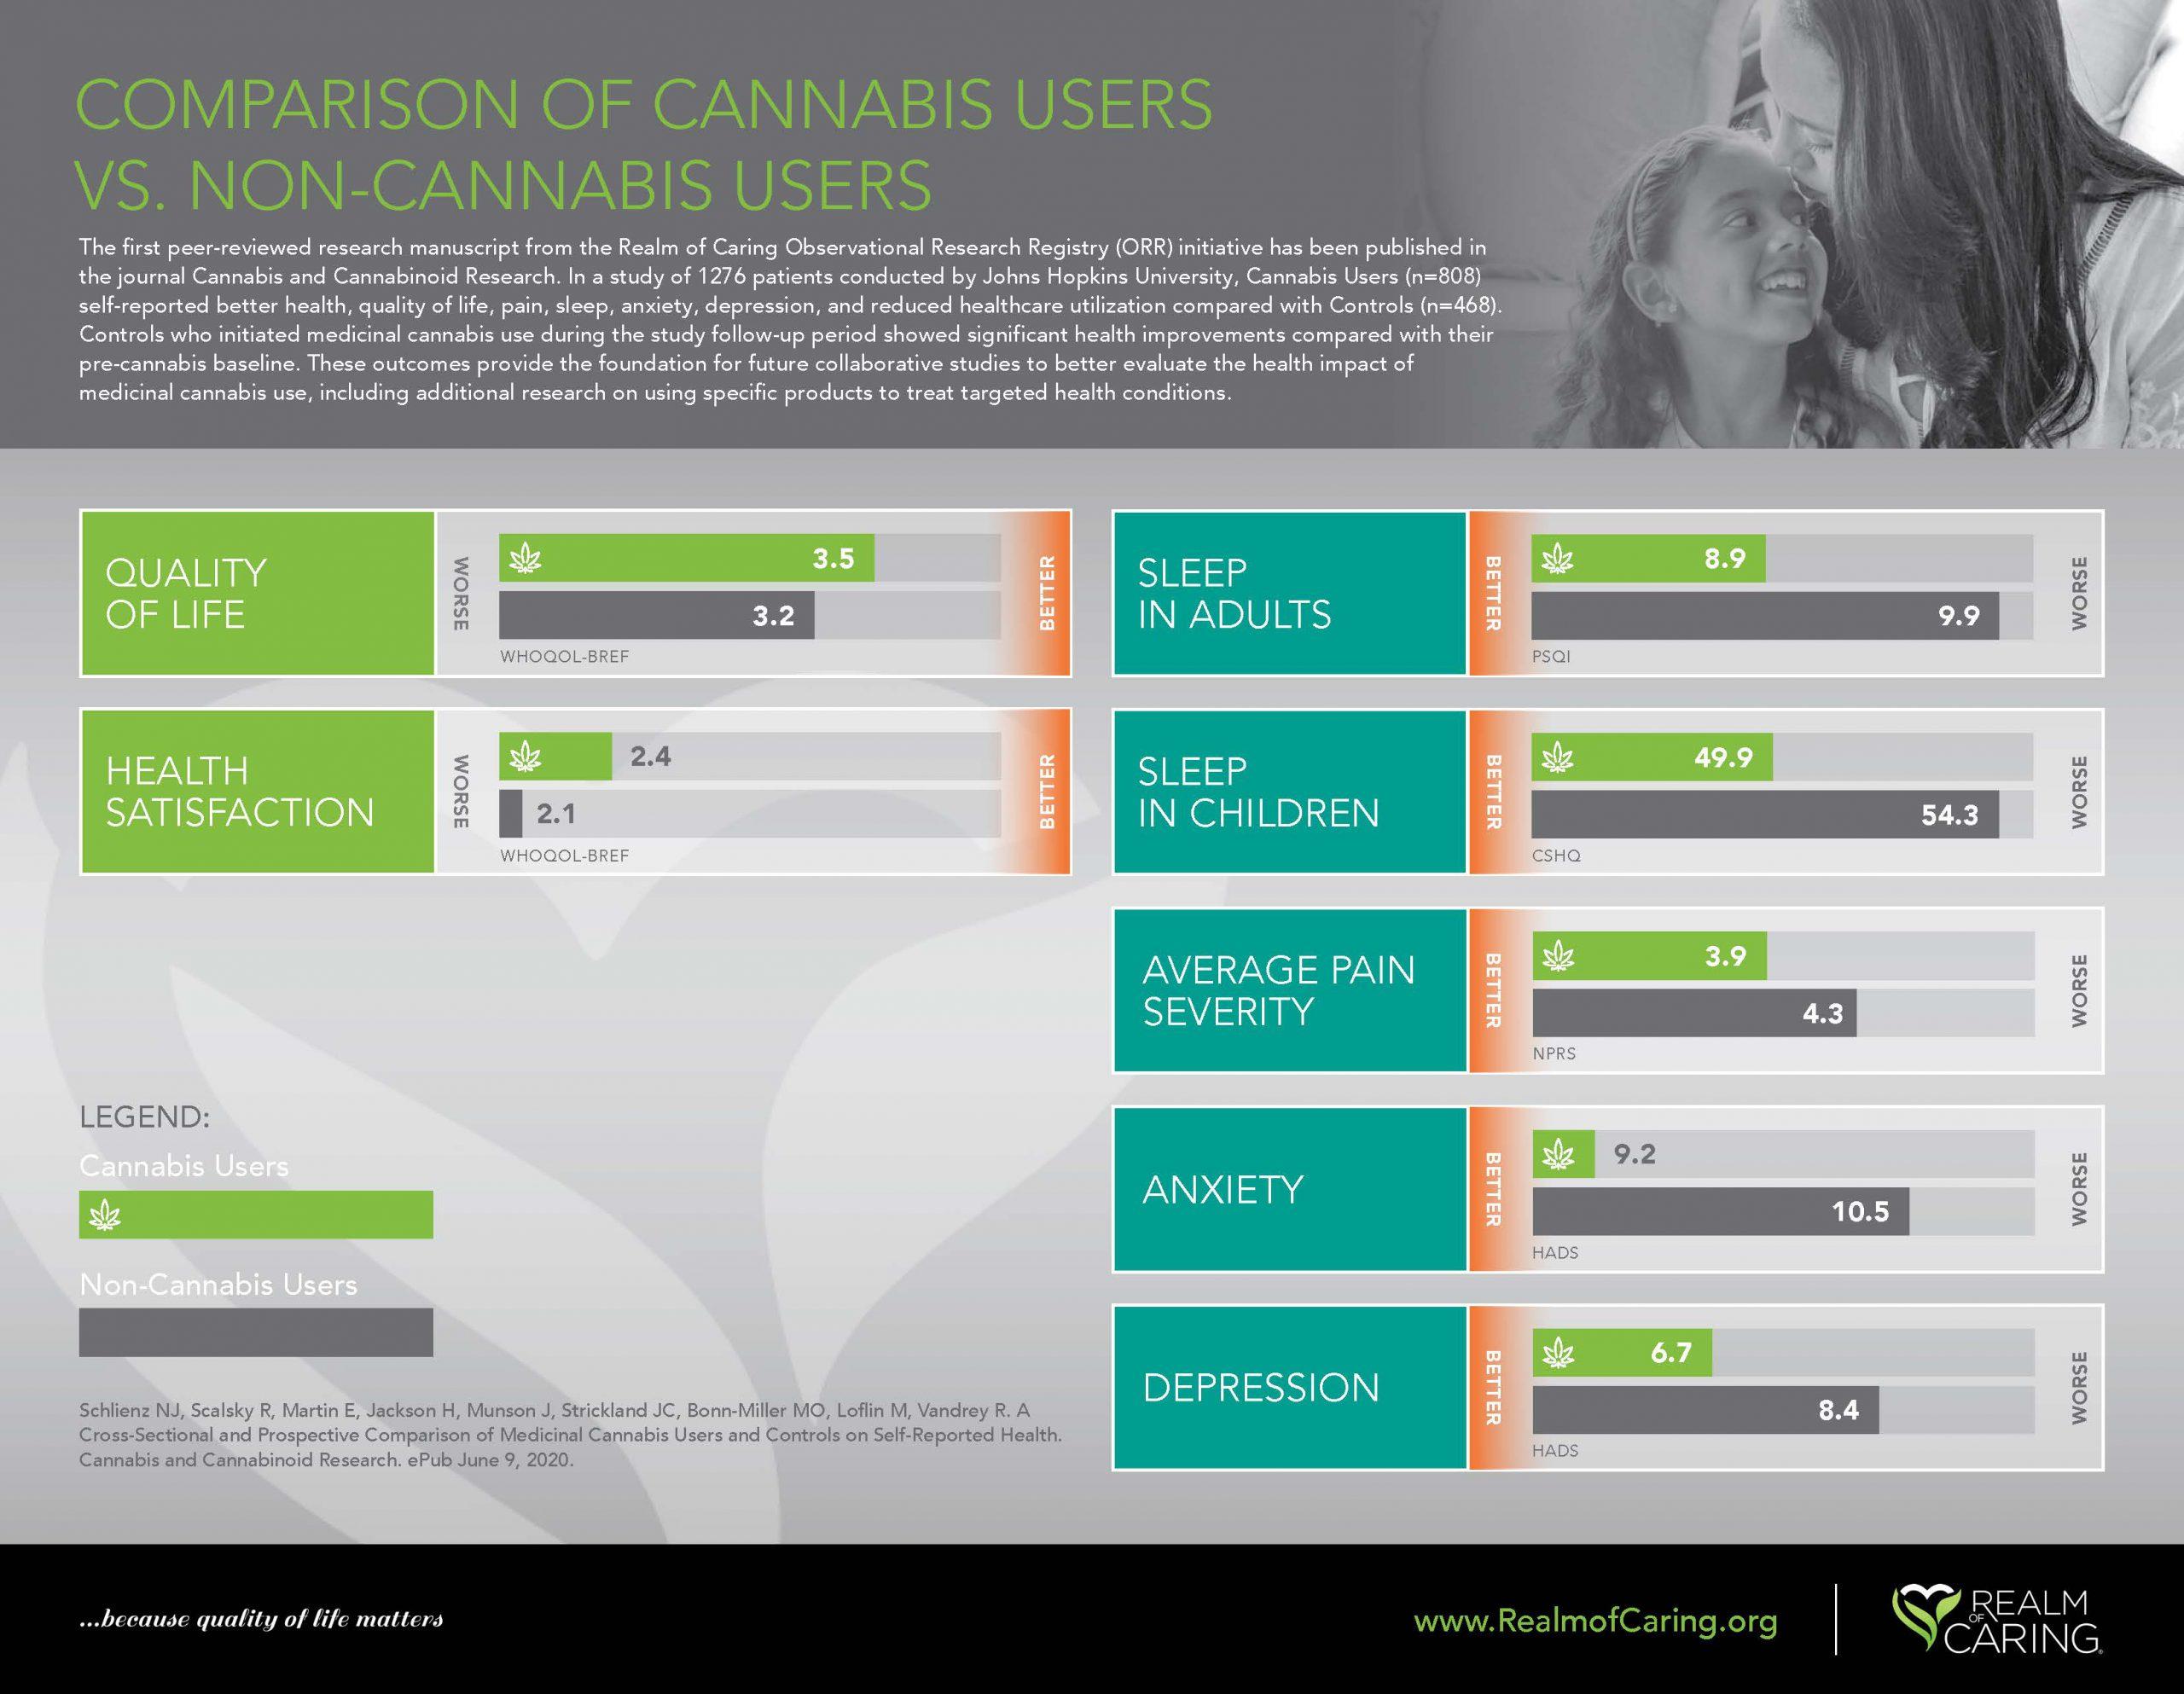 Comparison of cannabis users vs. non-cannabis users